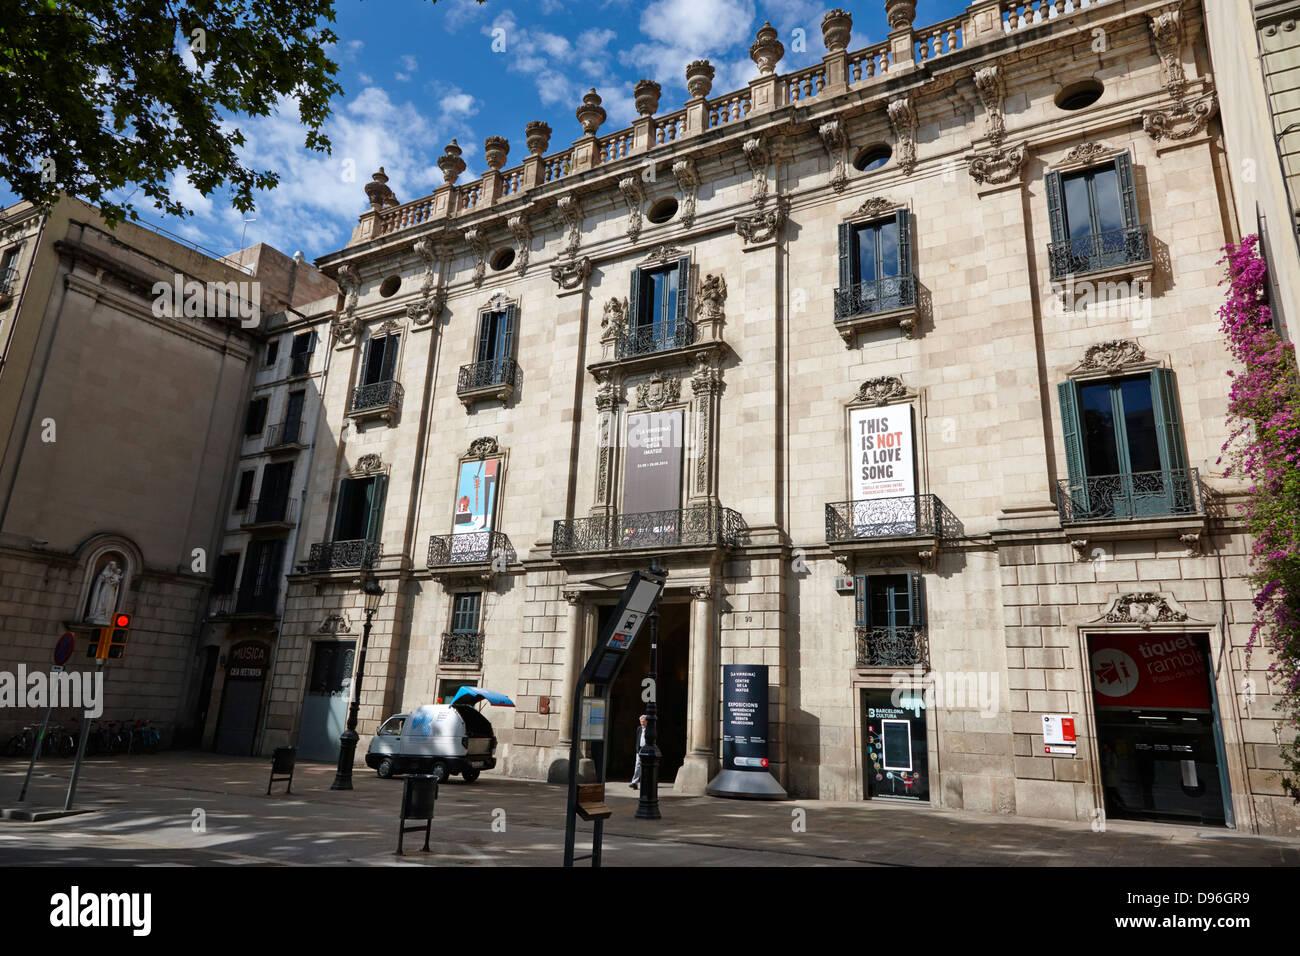 palau de la virreina centre de la imatge la rambla barcelona catalonia spain - Stock Image